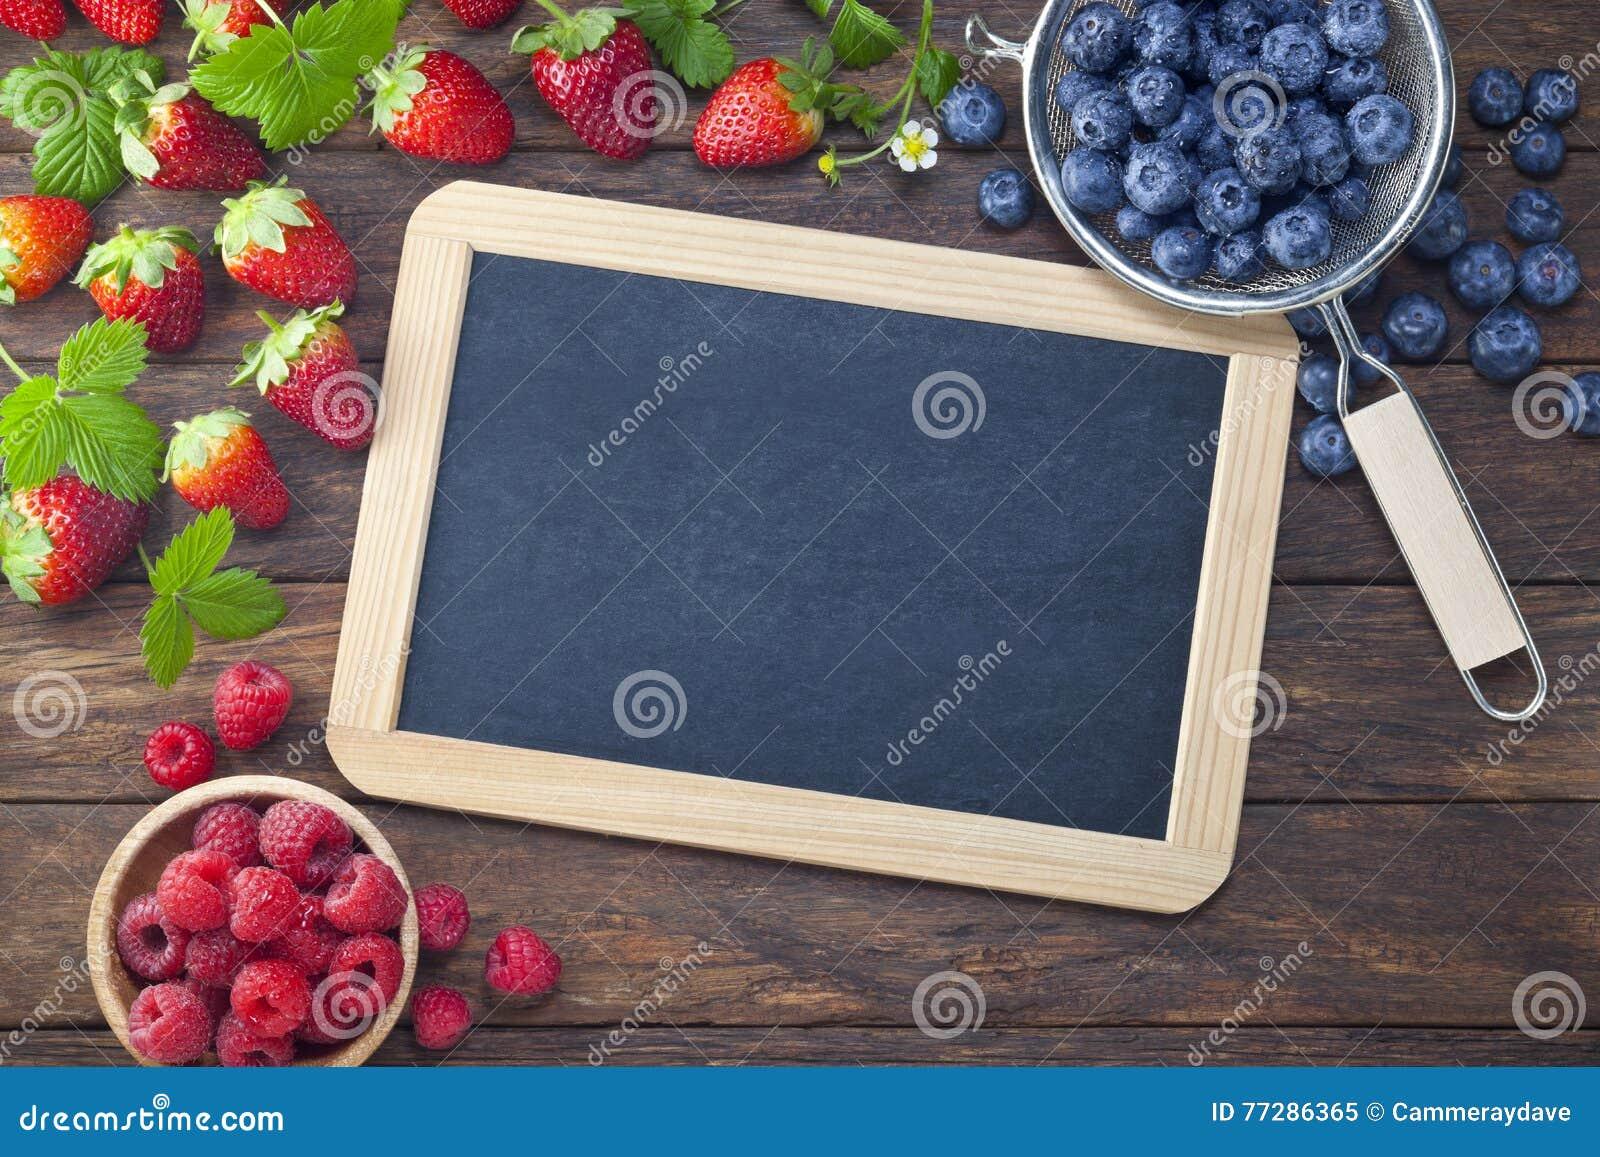 Berries Blackboard Chalkboard Sign Background